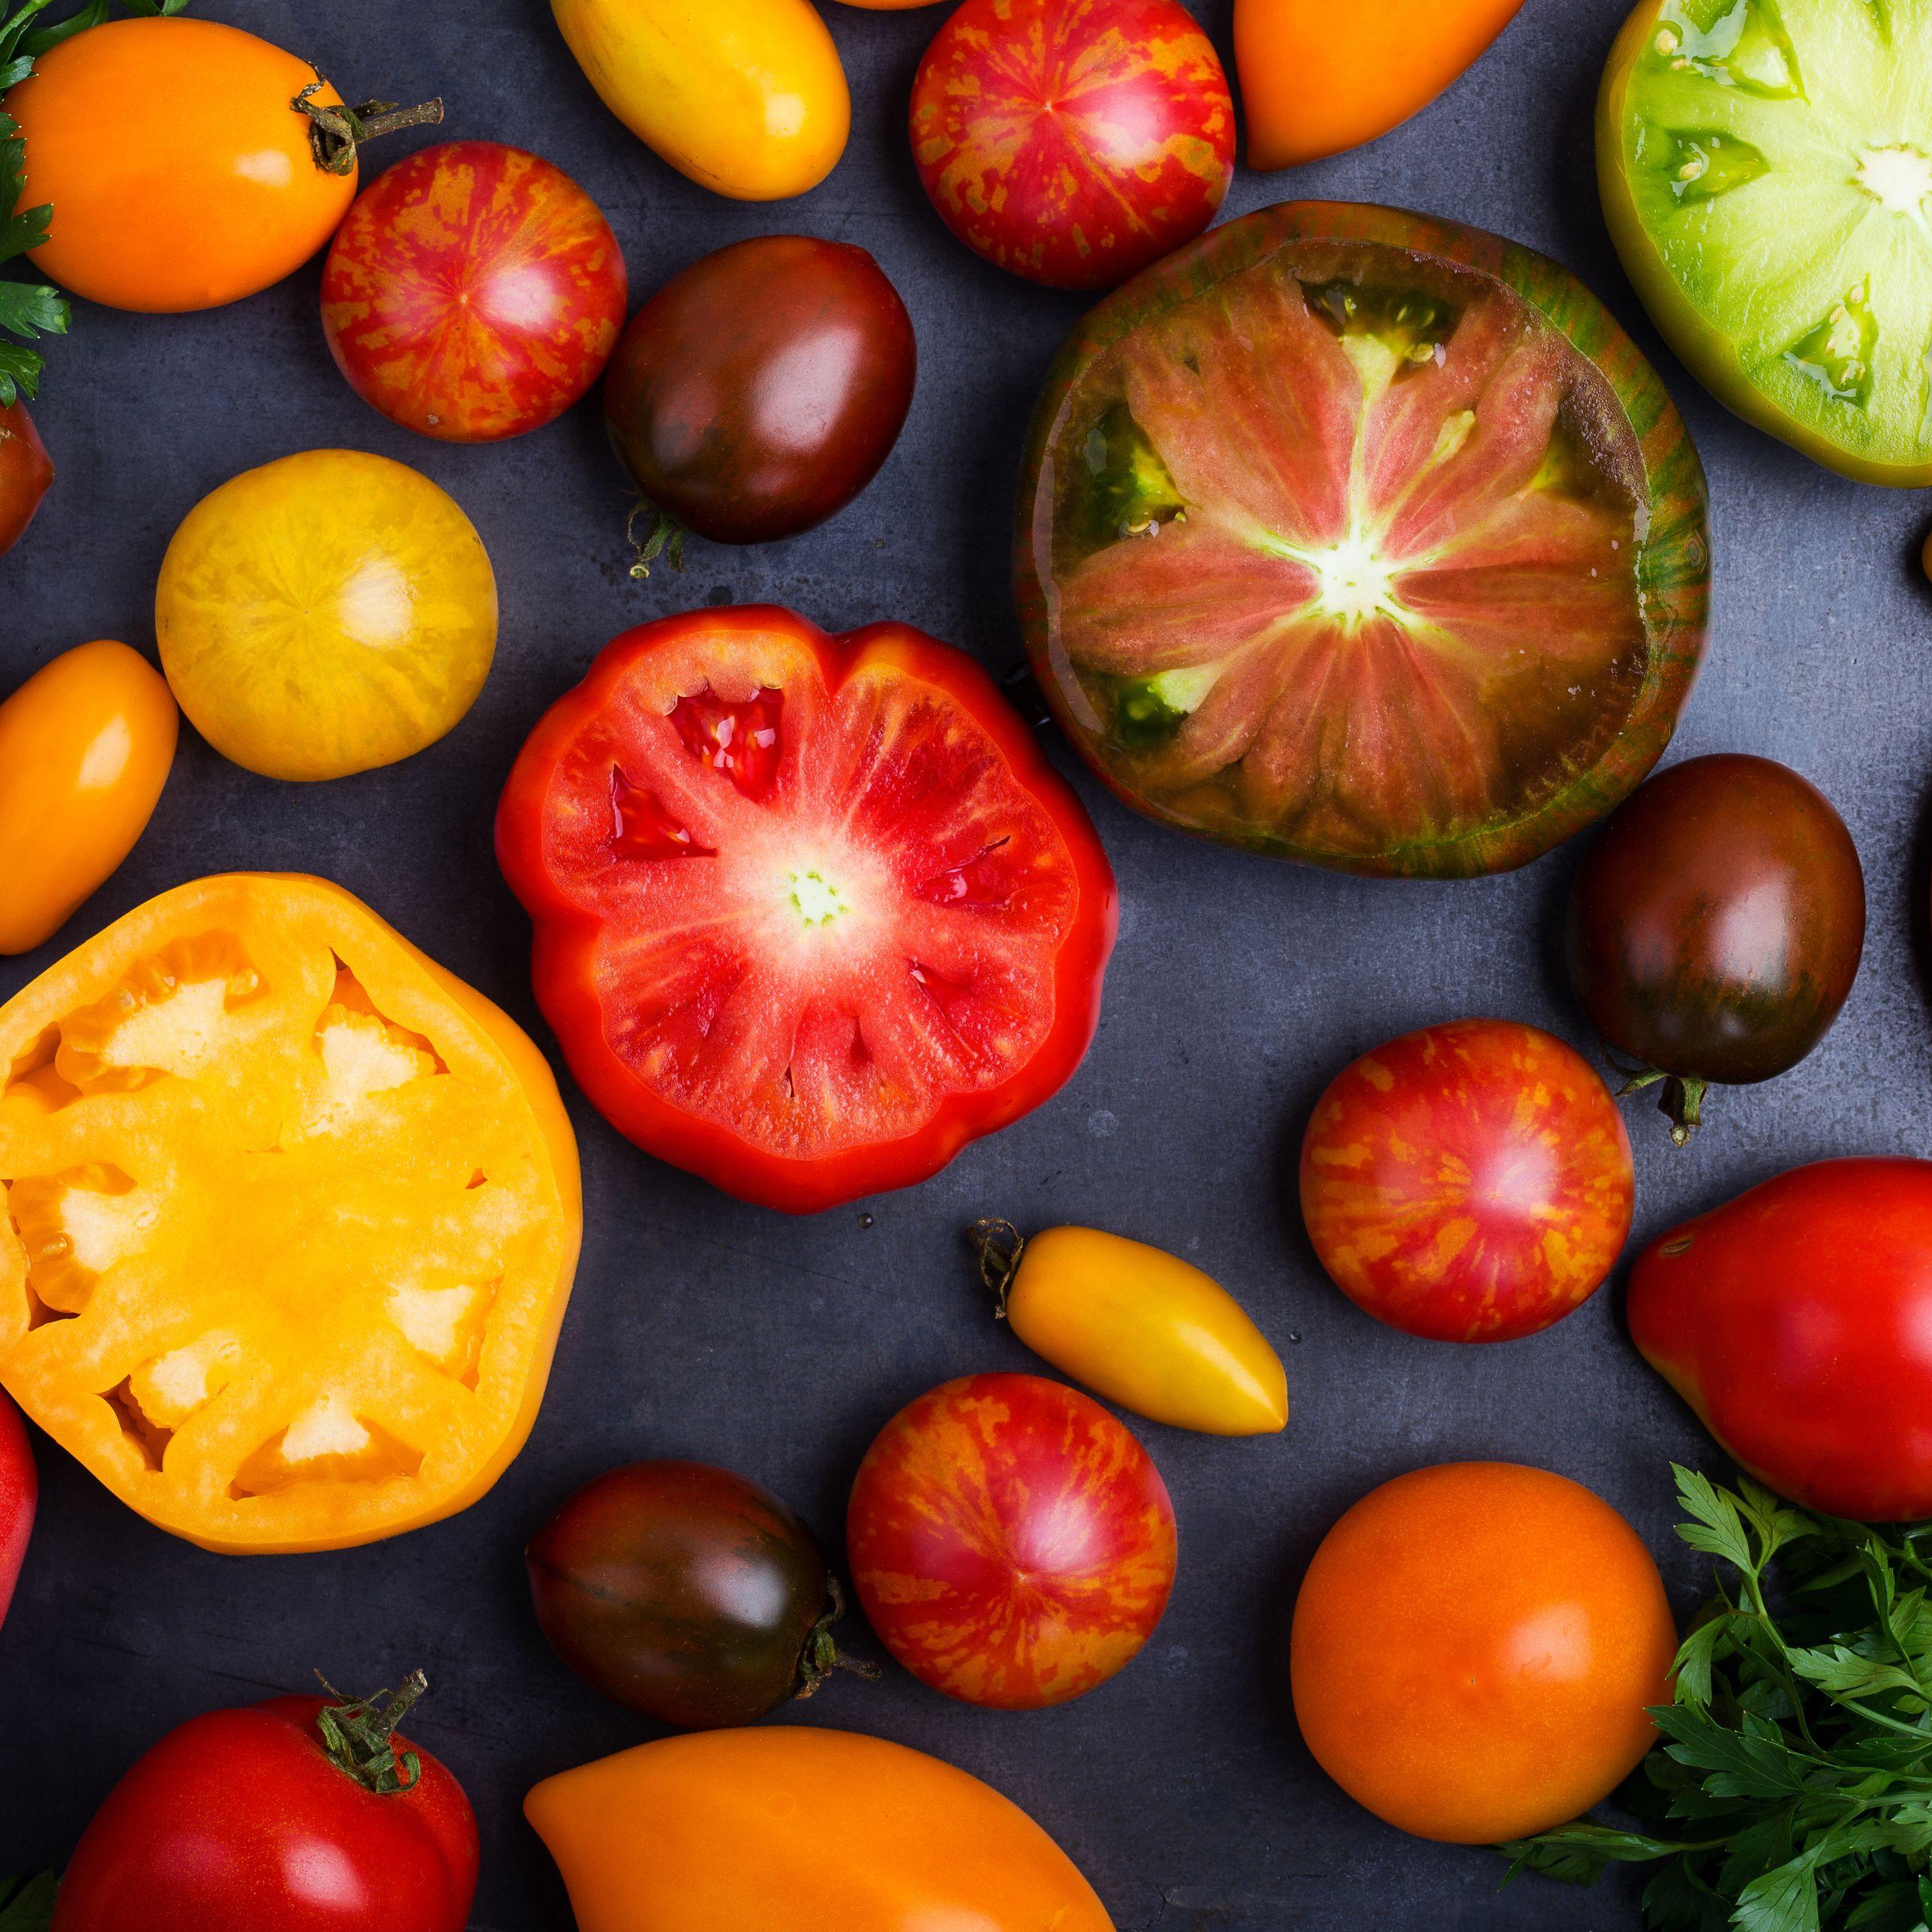 Striped Heirloom Tomato Varieties